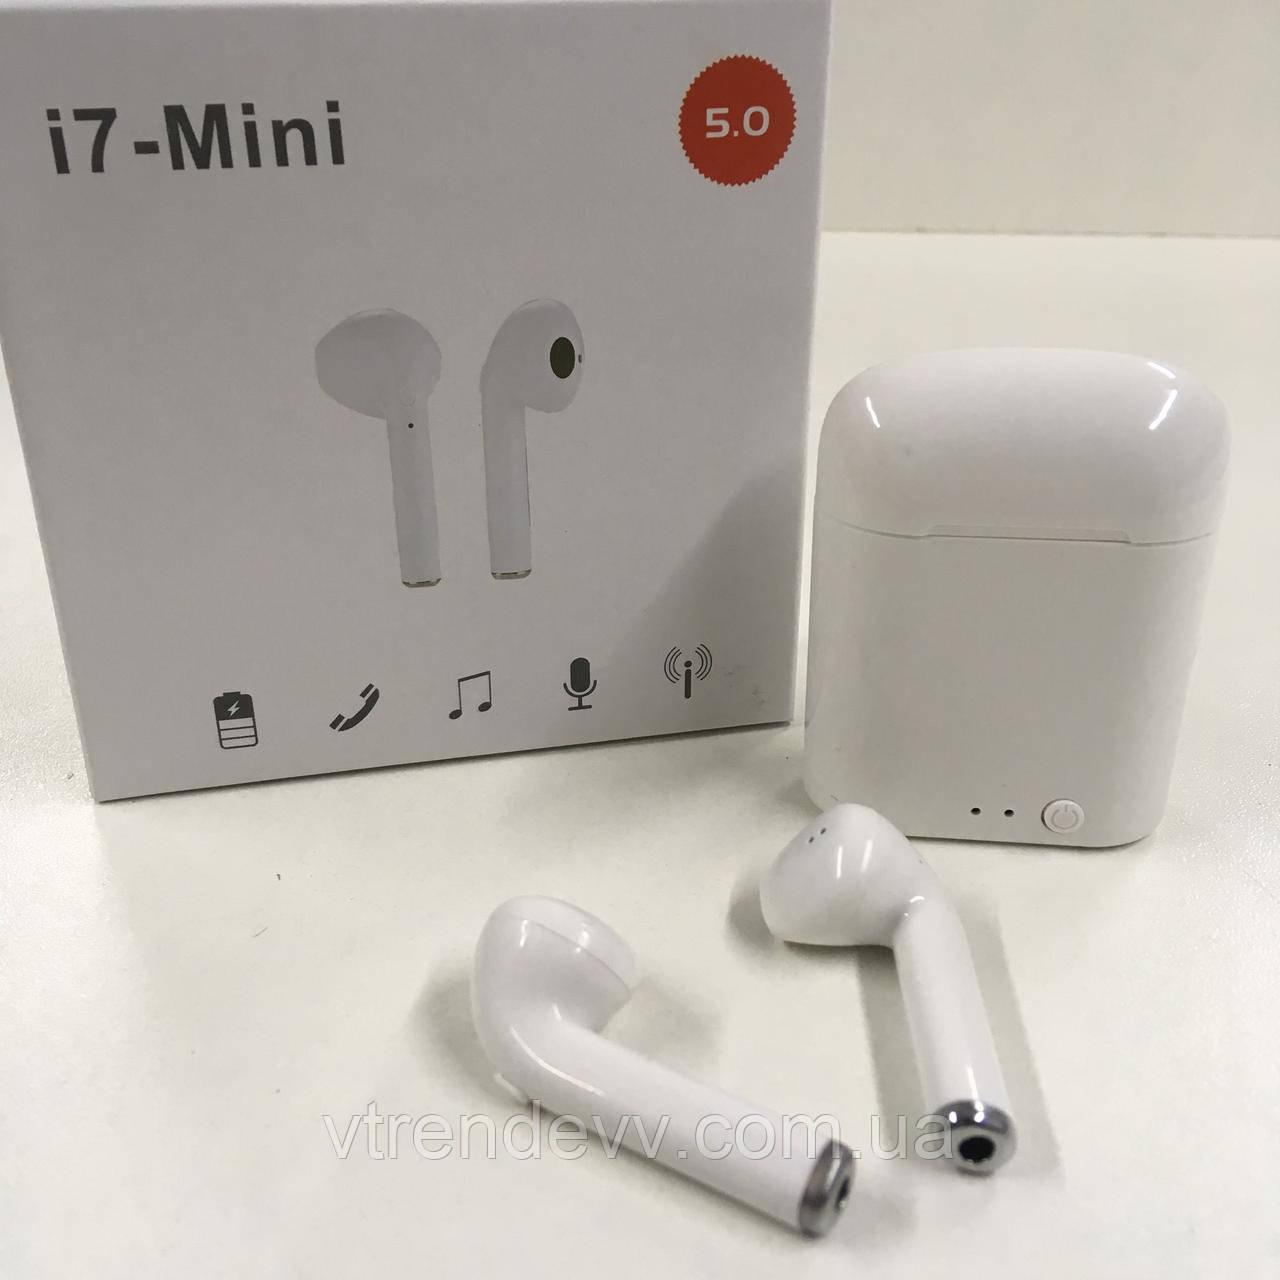 Беспроводные  наушники с зарядным кейсом  i7Mini Bluetooth 5.0